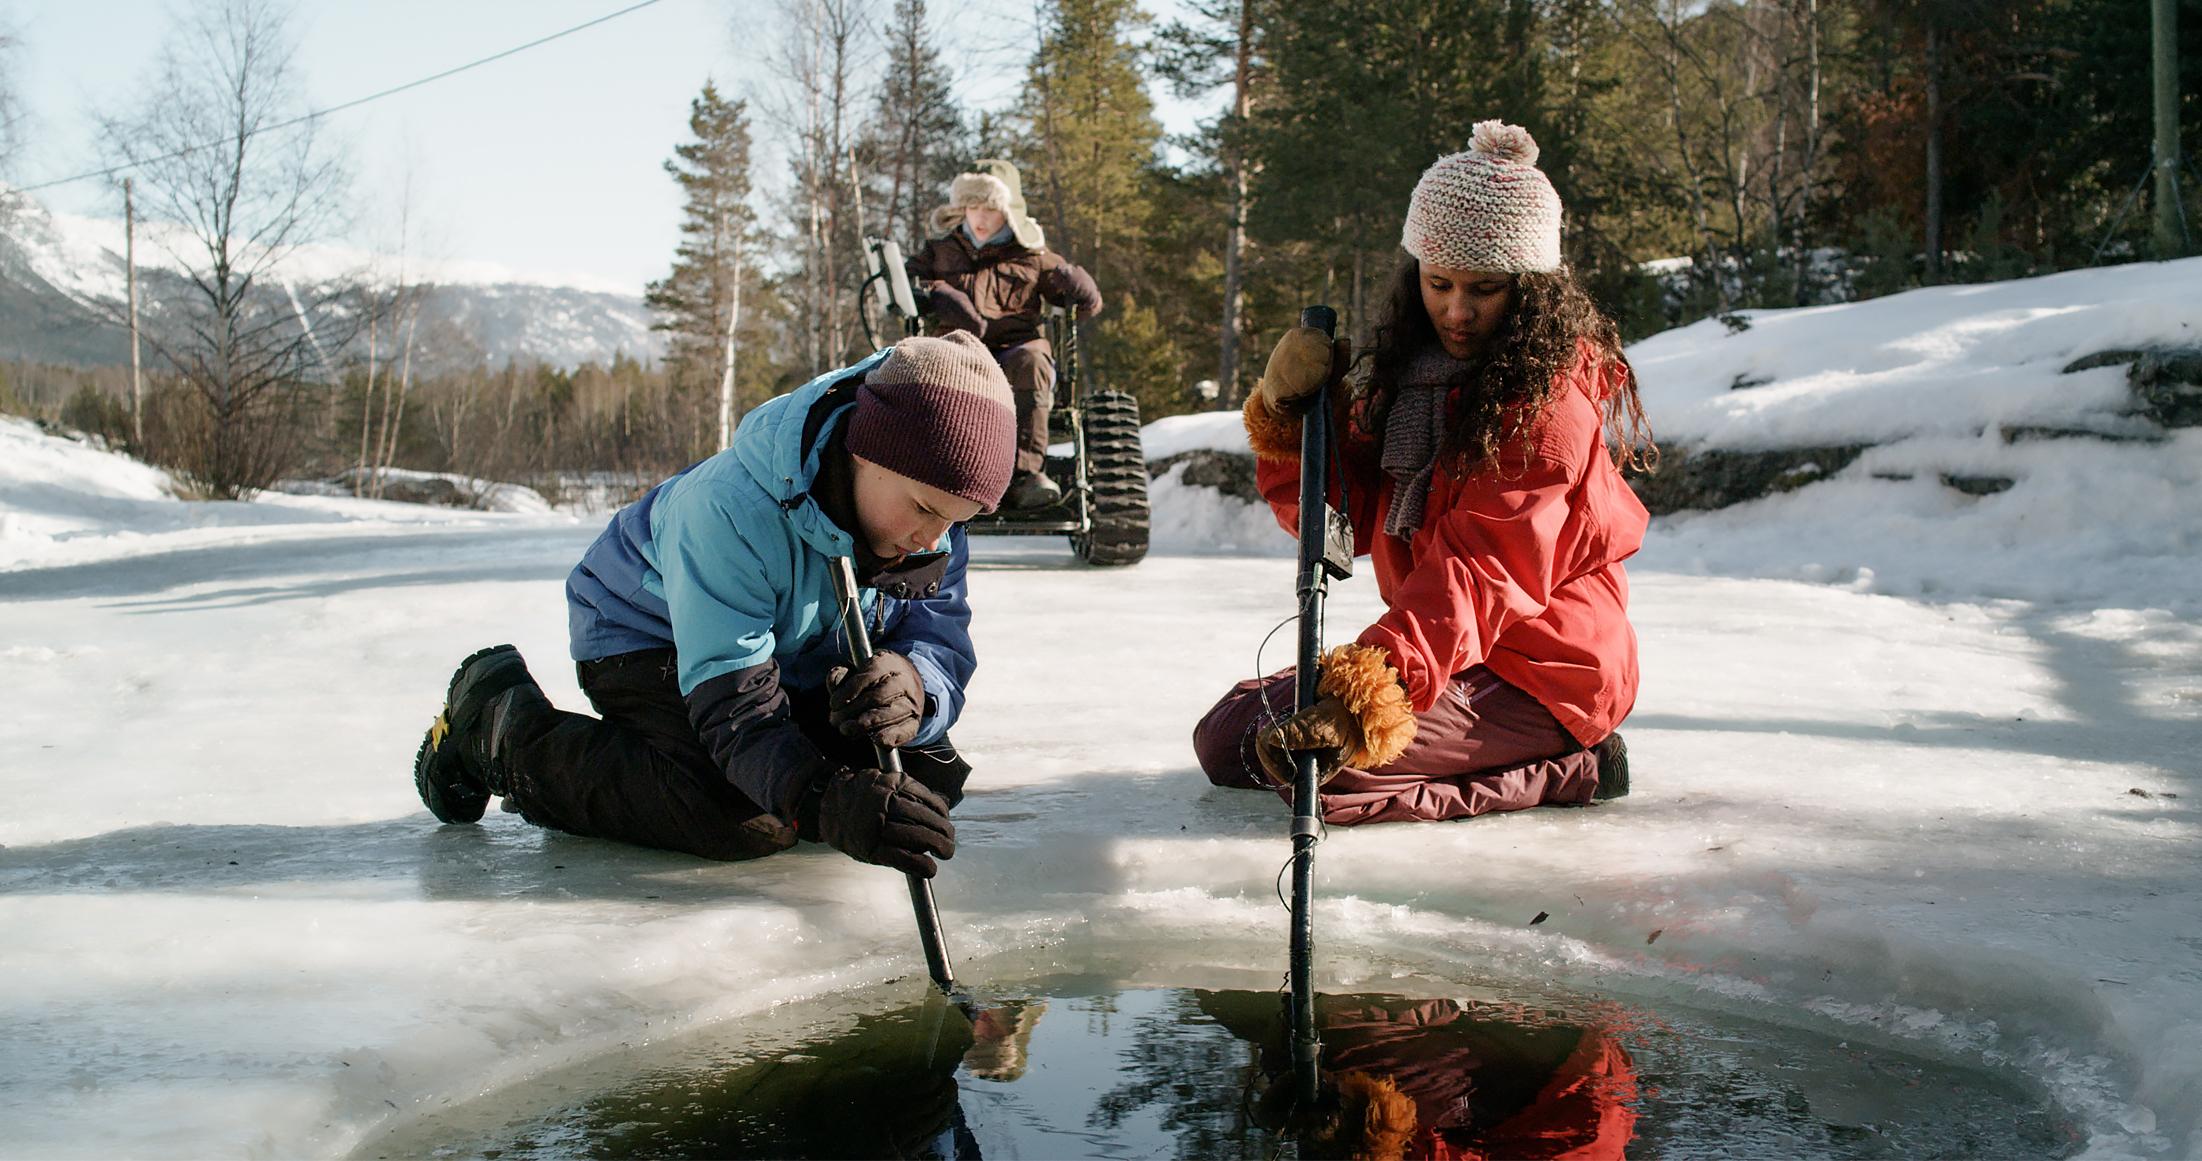 """I turistsammenheng er flotte naturbilder positivt, som i denne scenen fra norske """"Trio - Odins gull"""". Foto: NordicStories."""